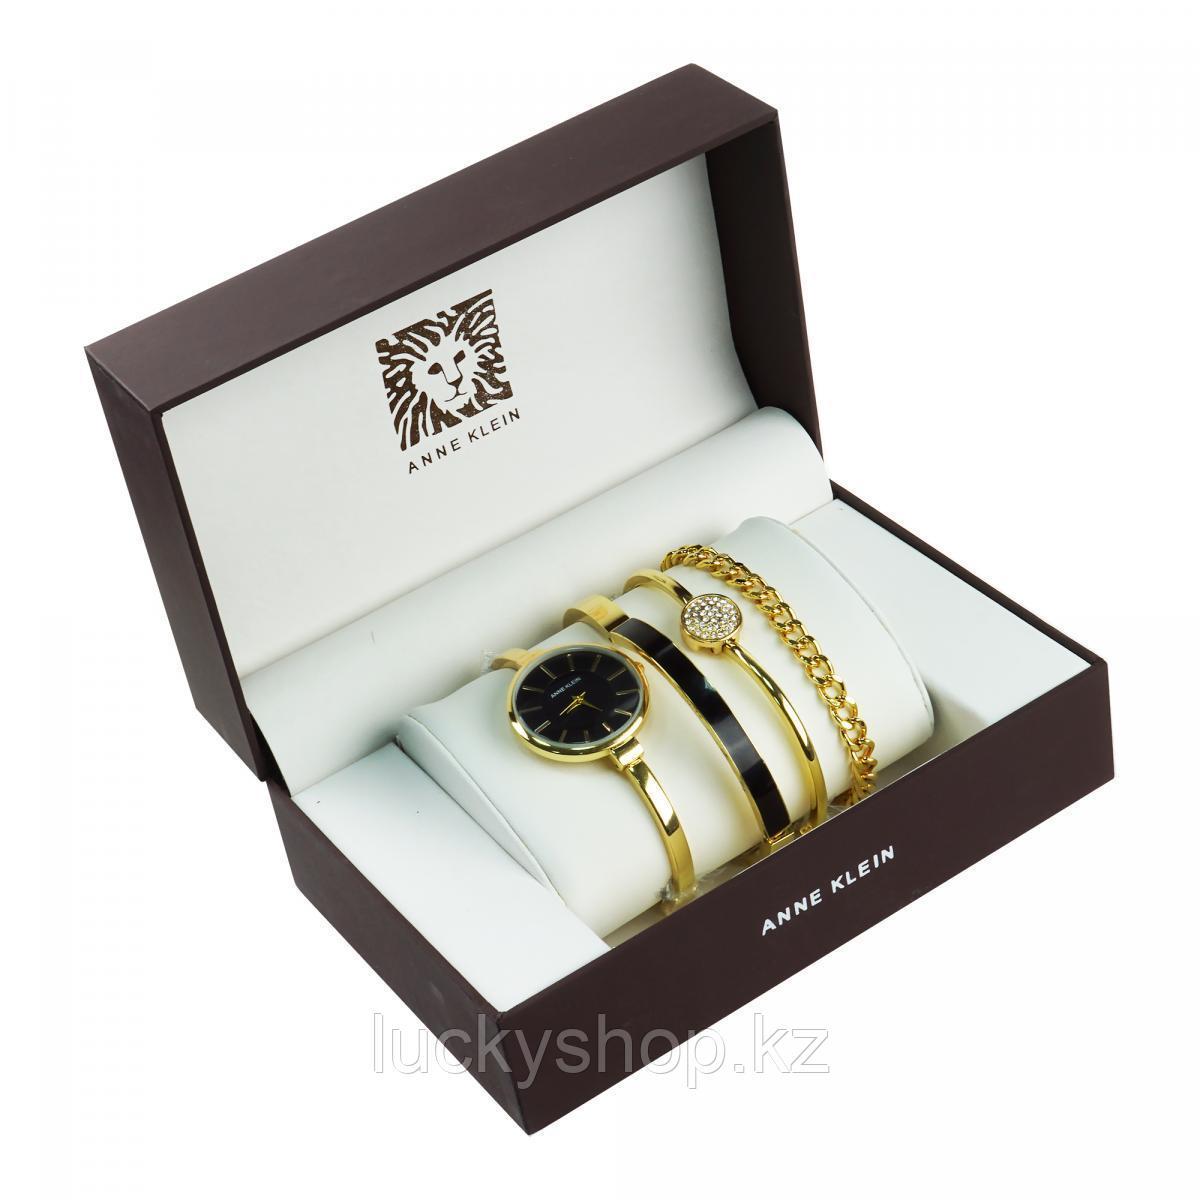 Часы в подарочной упаковке Anne Klein, цвет золотой + черный